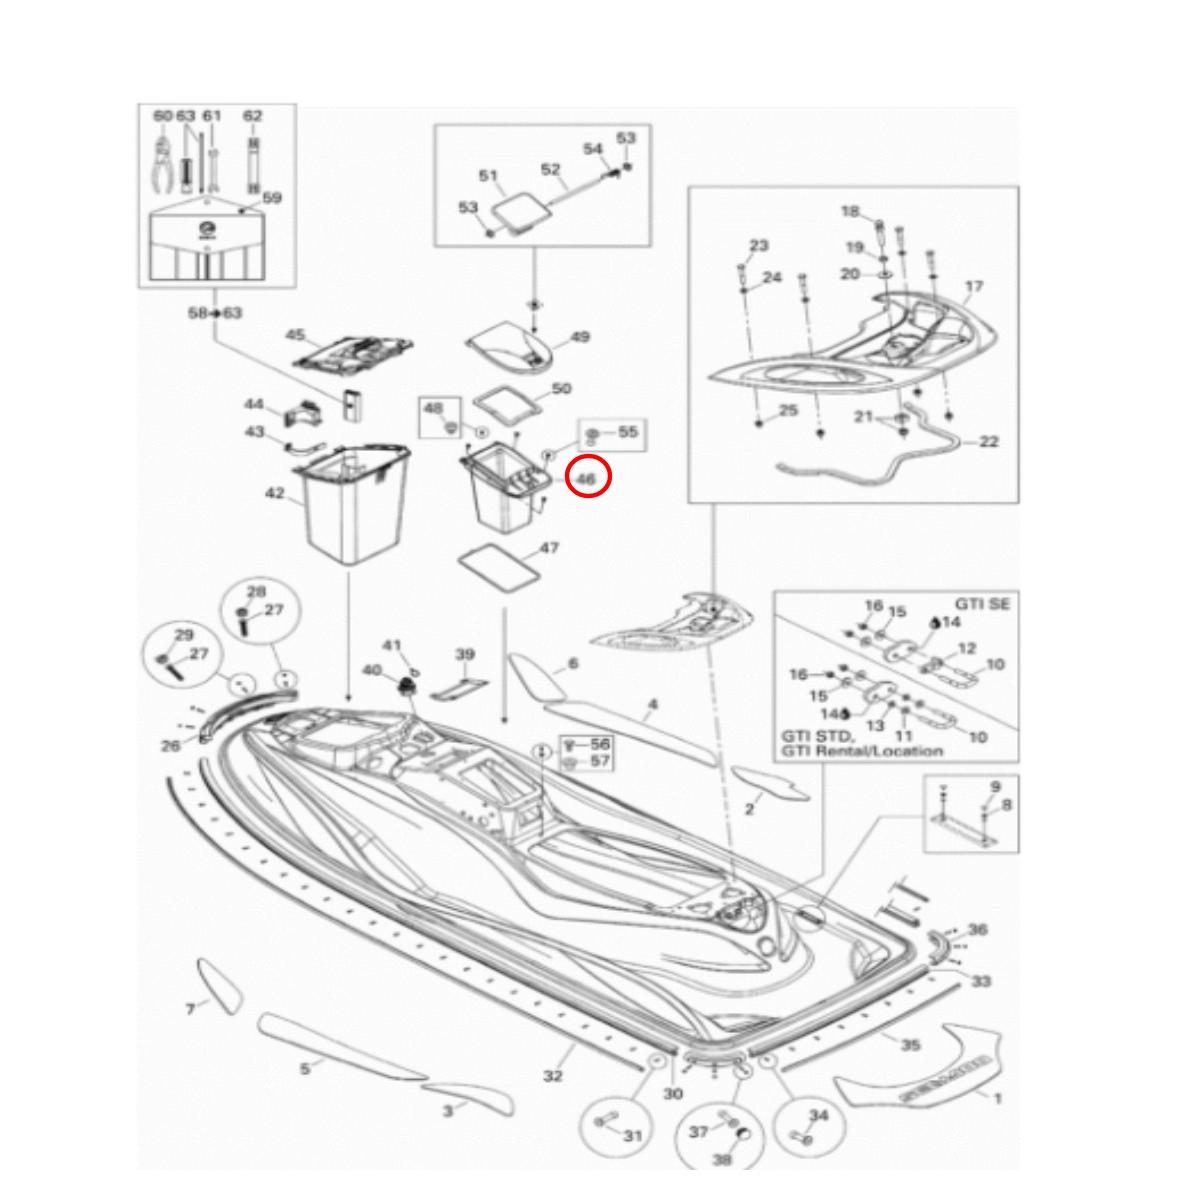 Console Porta Documento GTI  - Radical Peças - Peças para Jet Ski